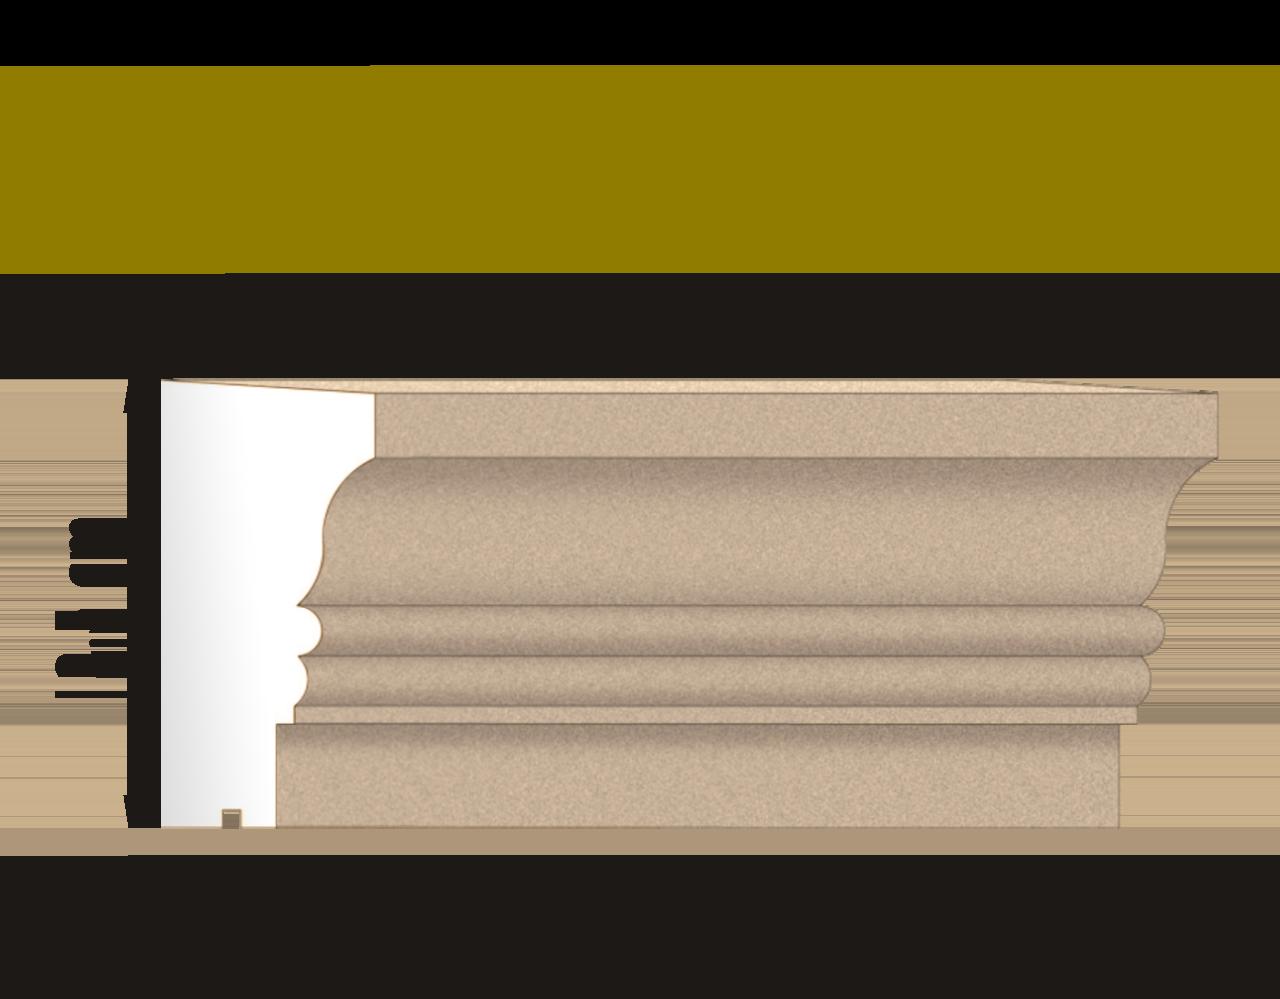 SAN-F-217